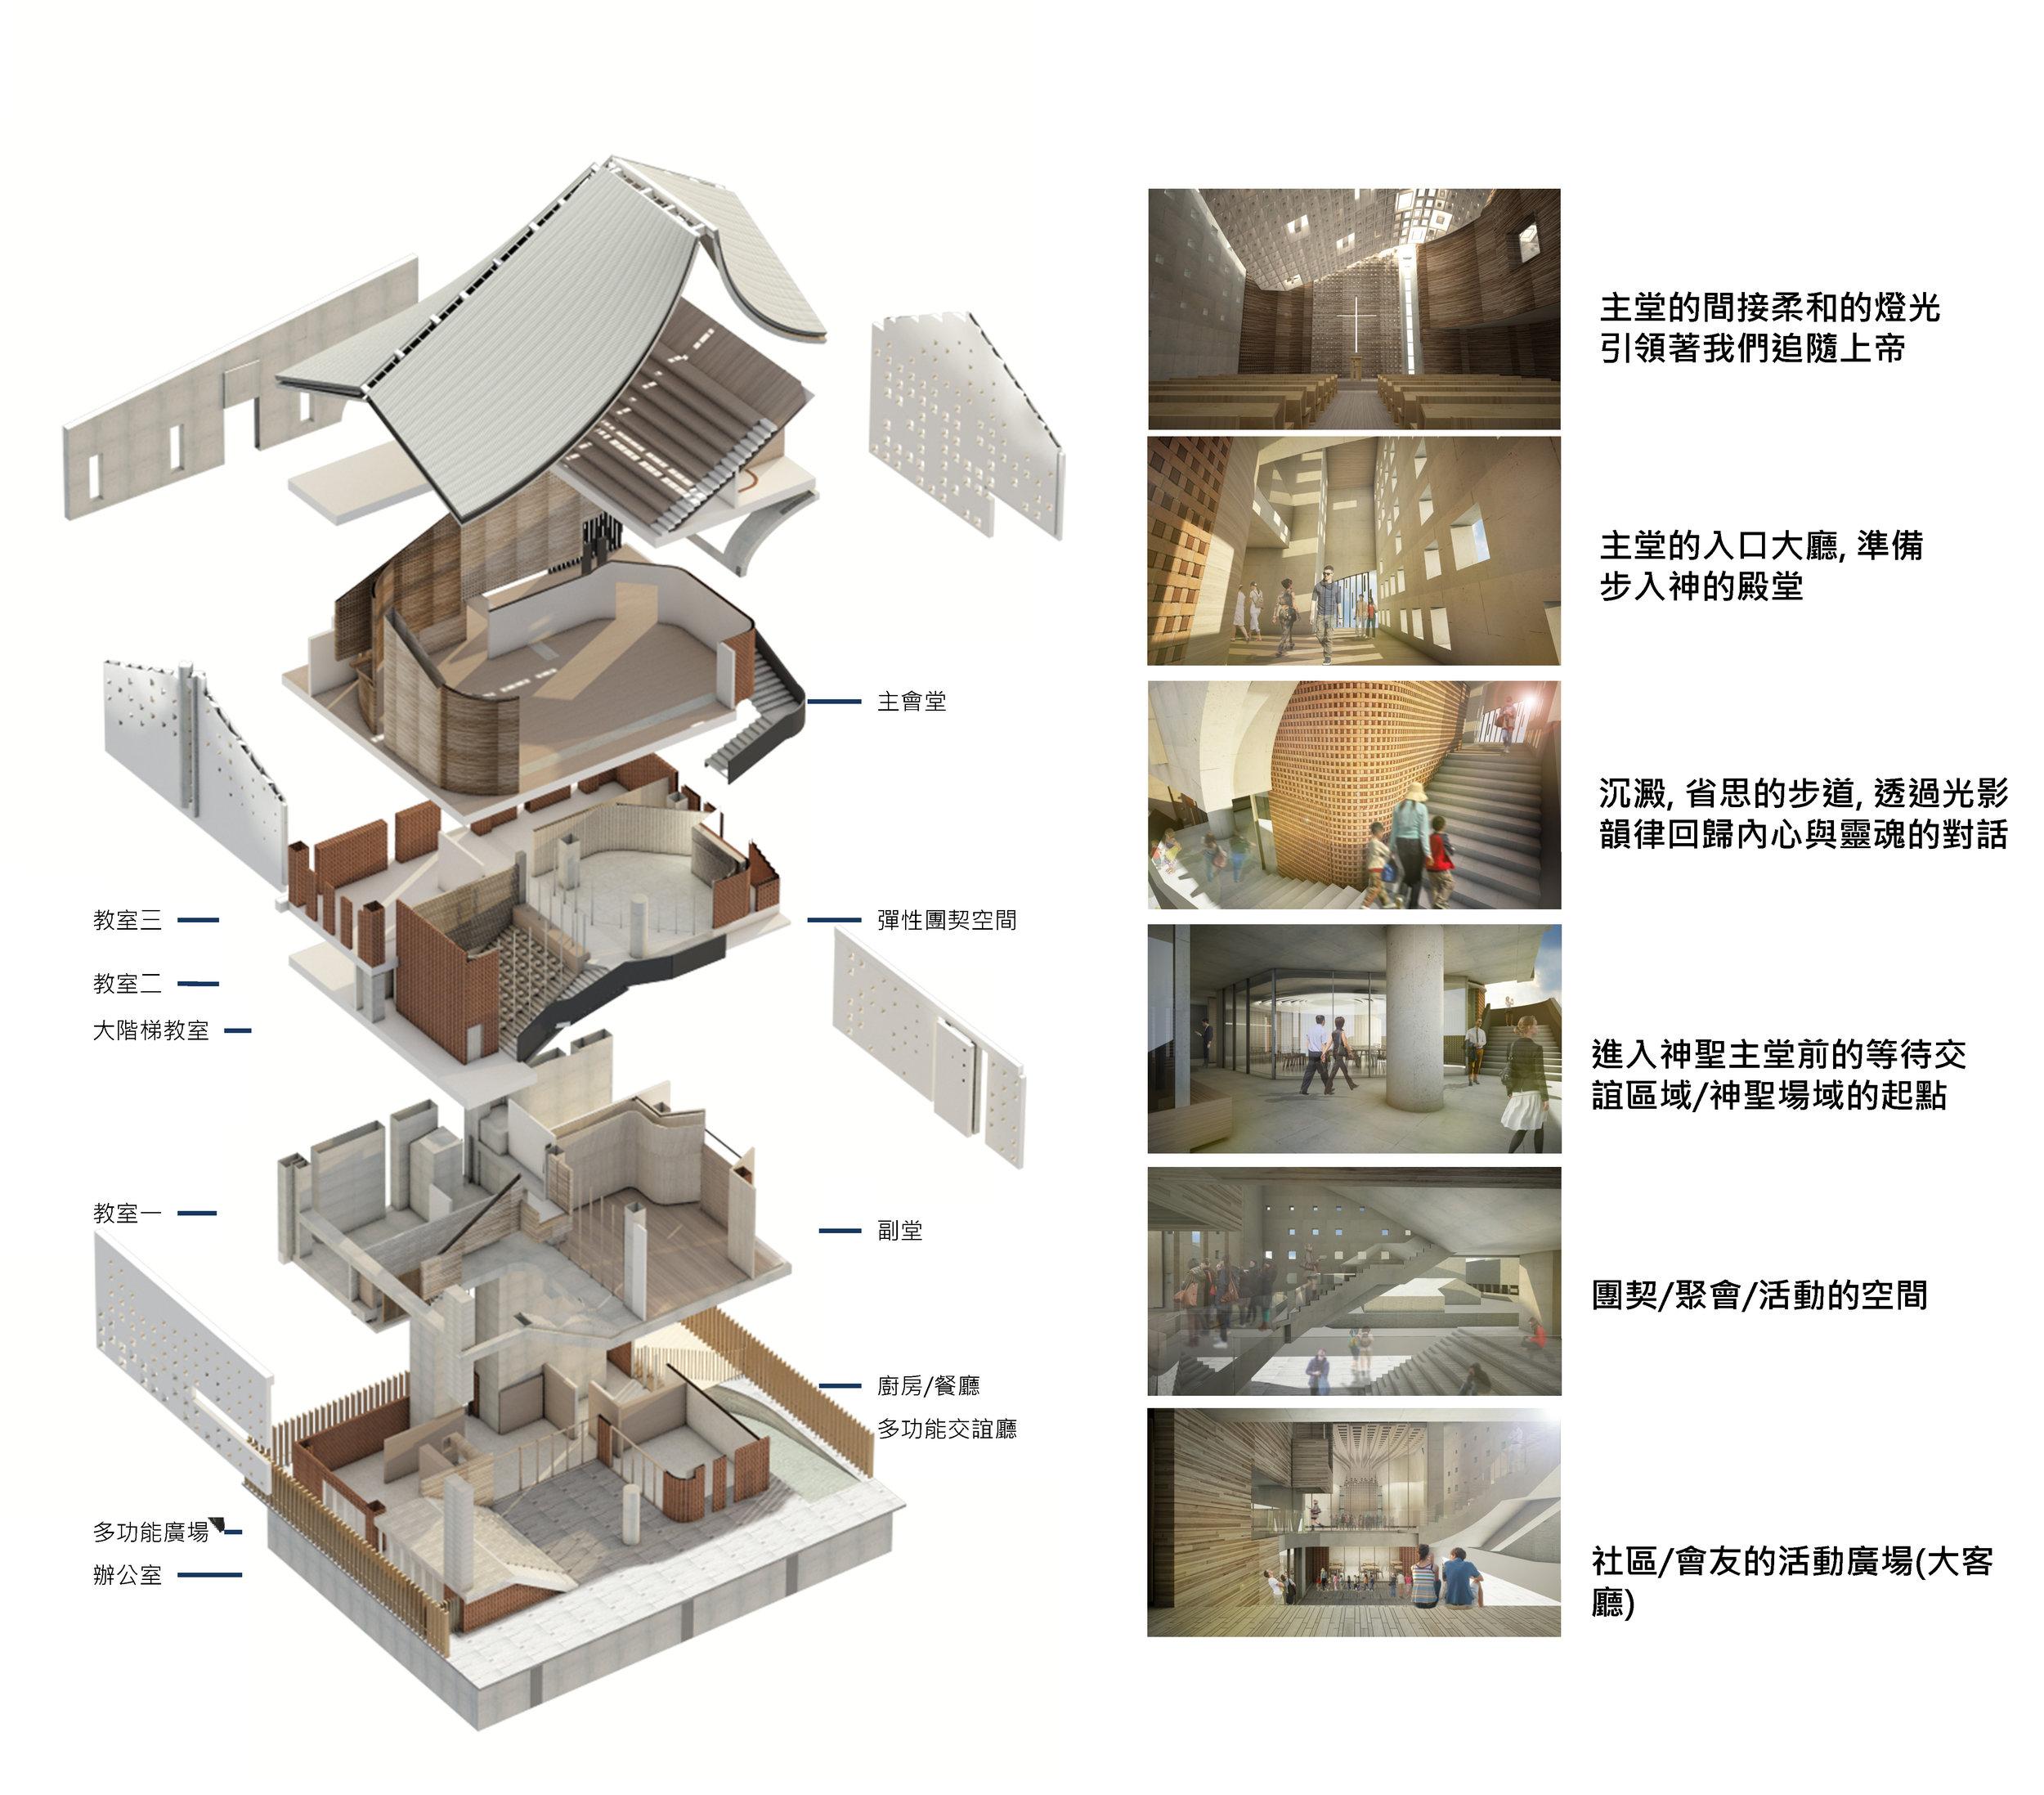 德光教會第二階段設計簡報20140109-5 all3_Page_09-2.jpg